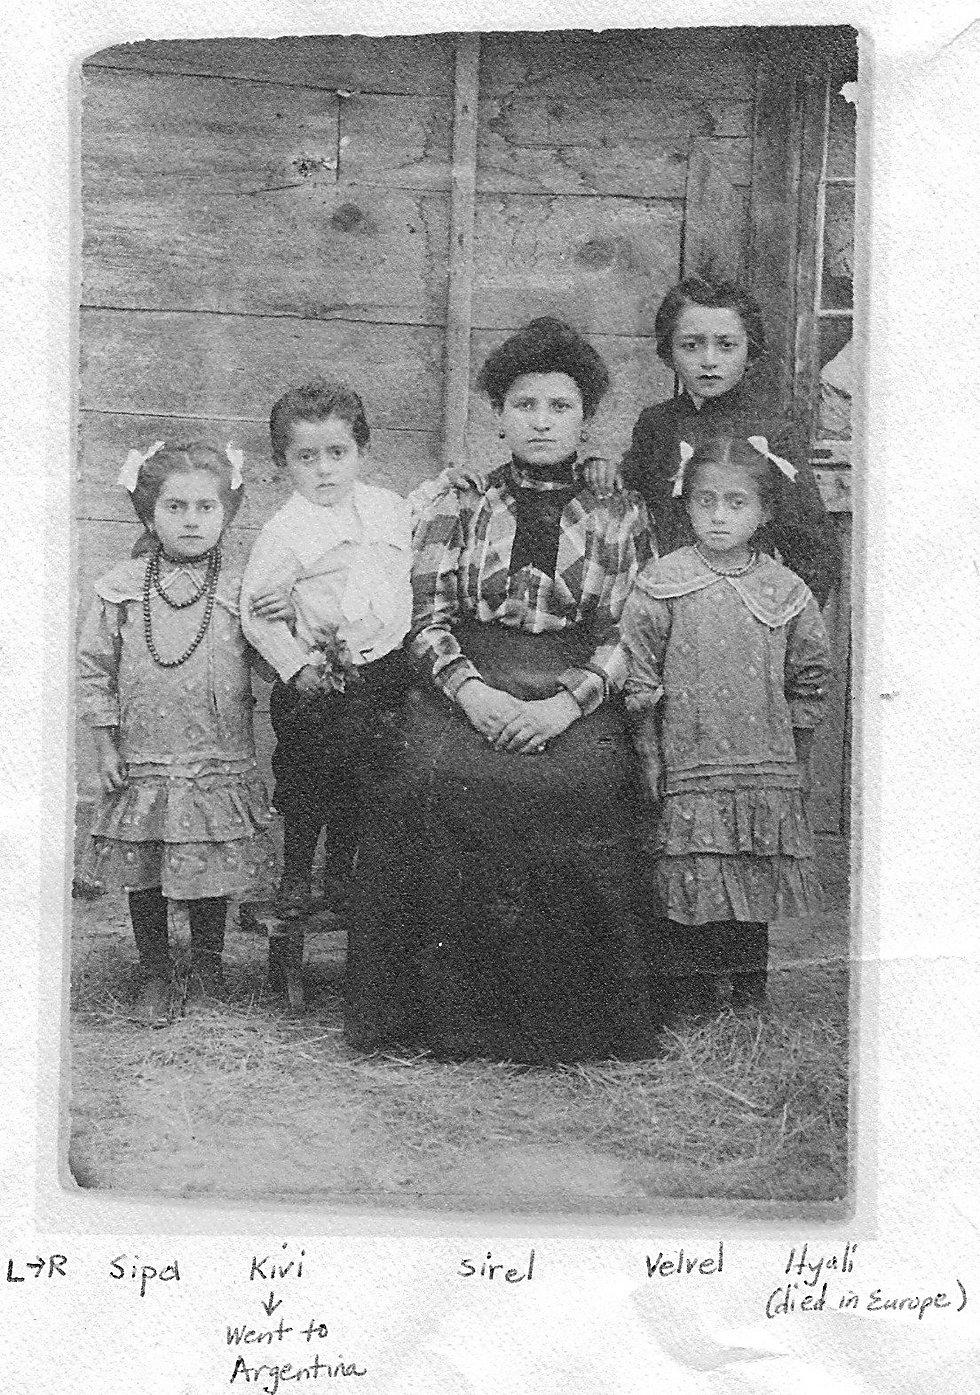 במרכז צירל, אחותו של מרדכי חיים - עם ילדיה באנטופול ()